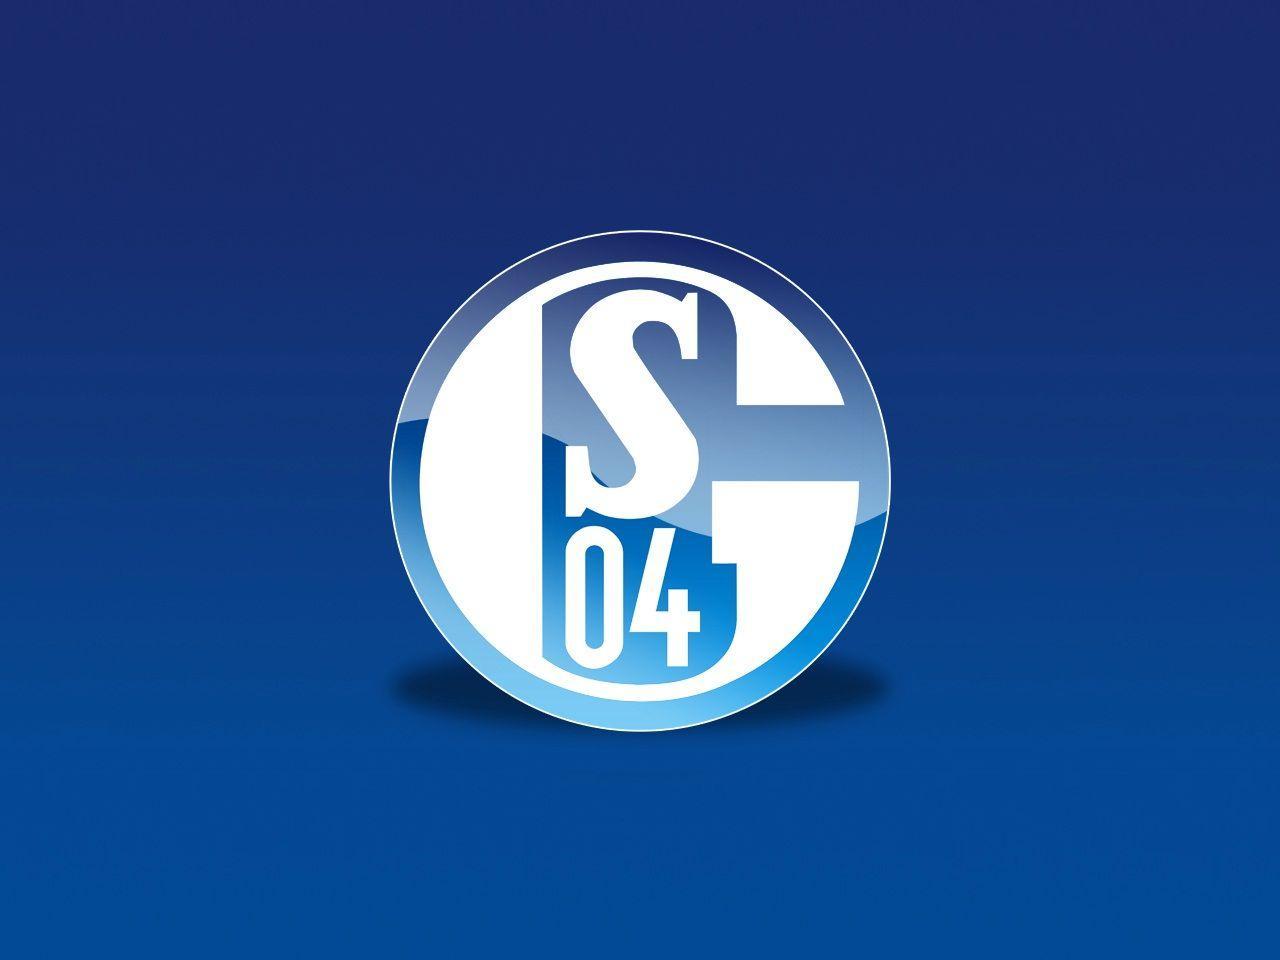 Schalke 04 Wallpapers Wallpaper Cave